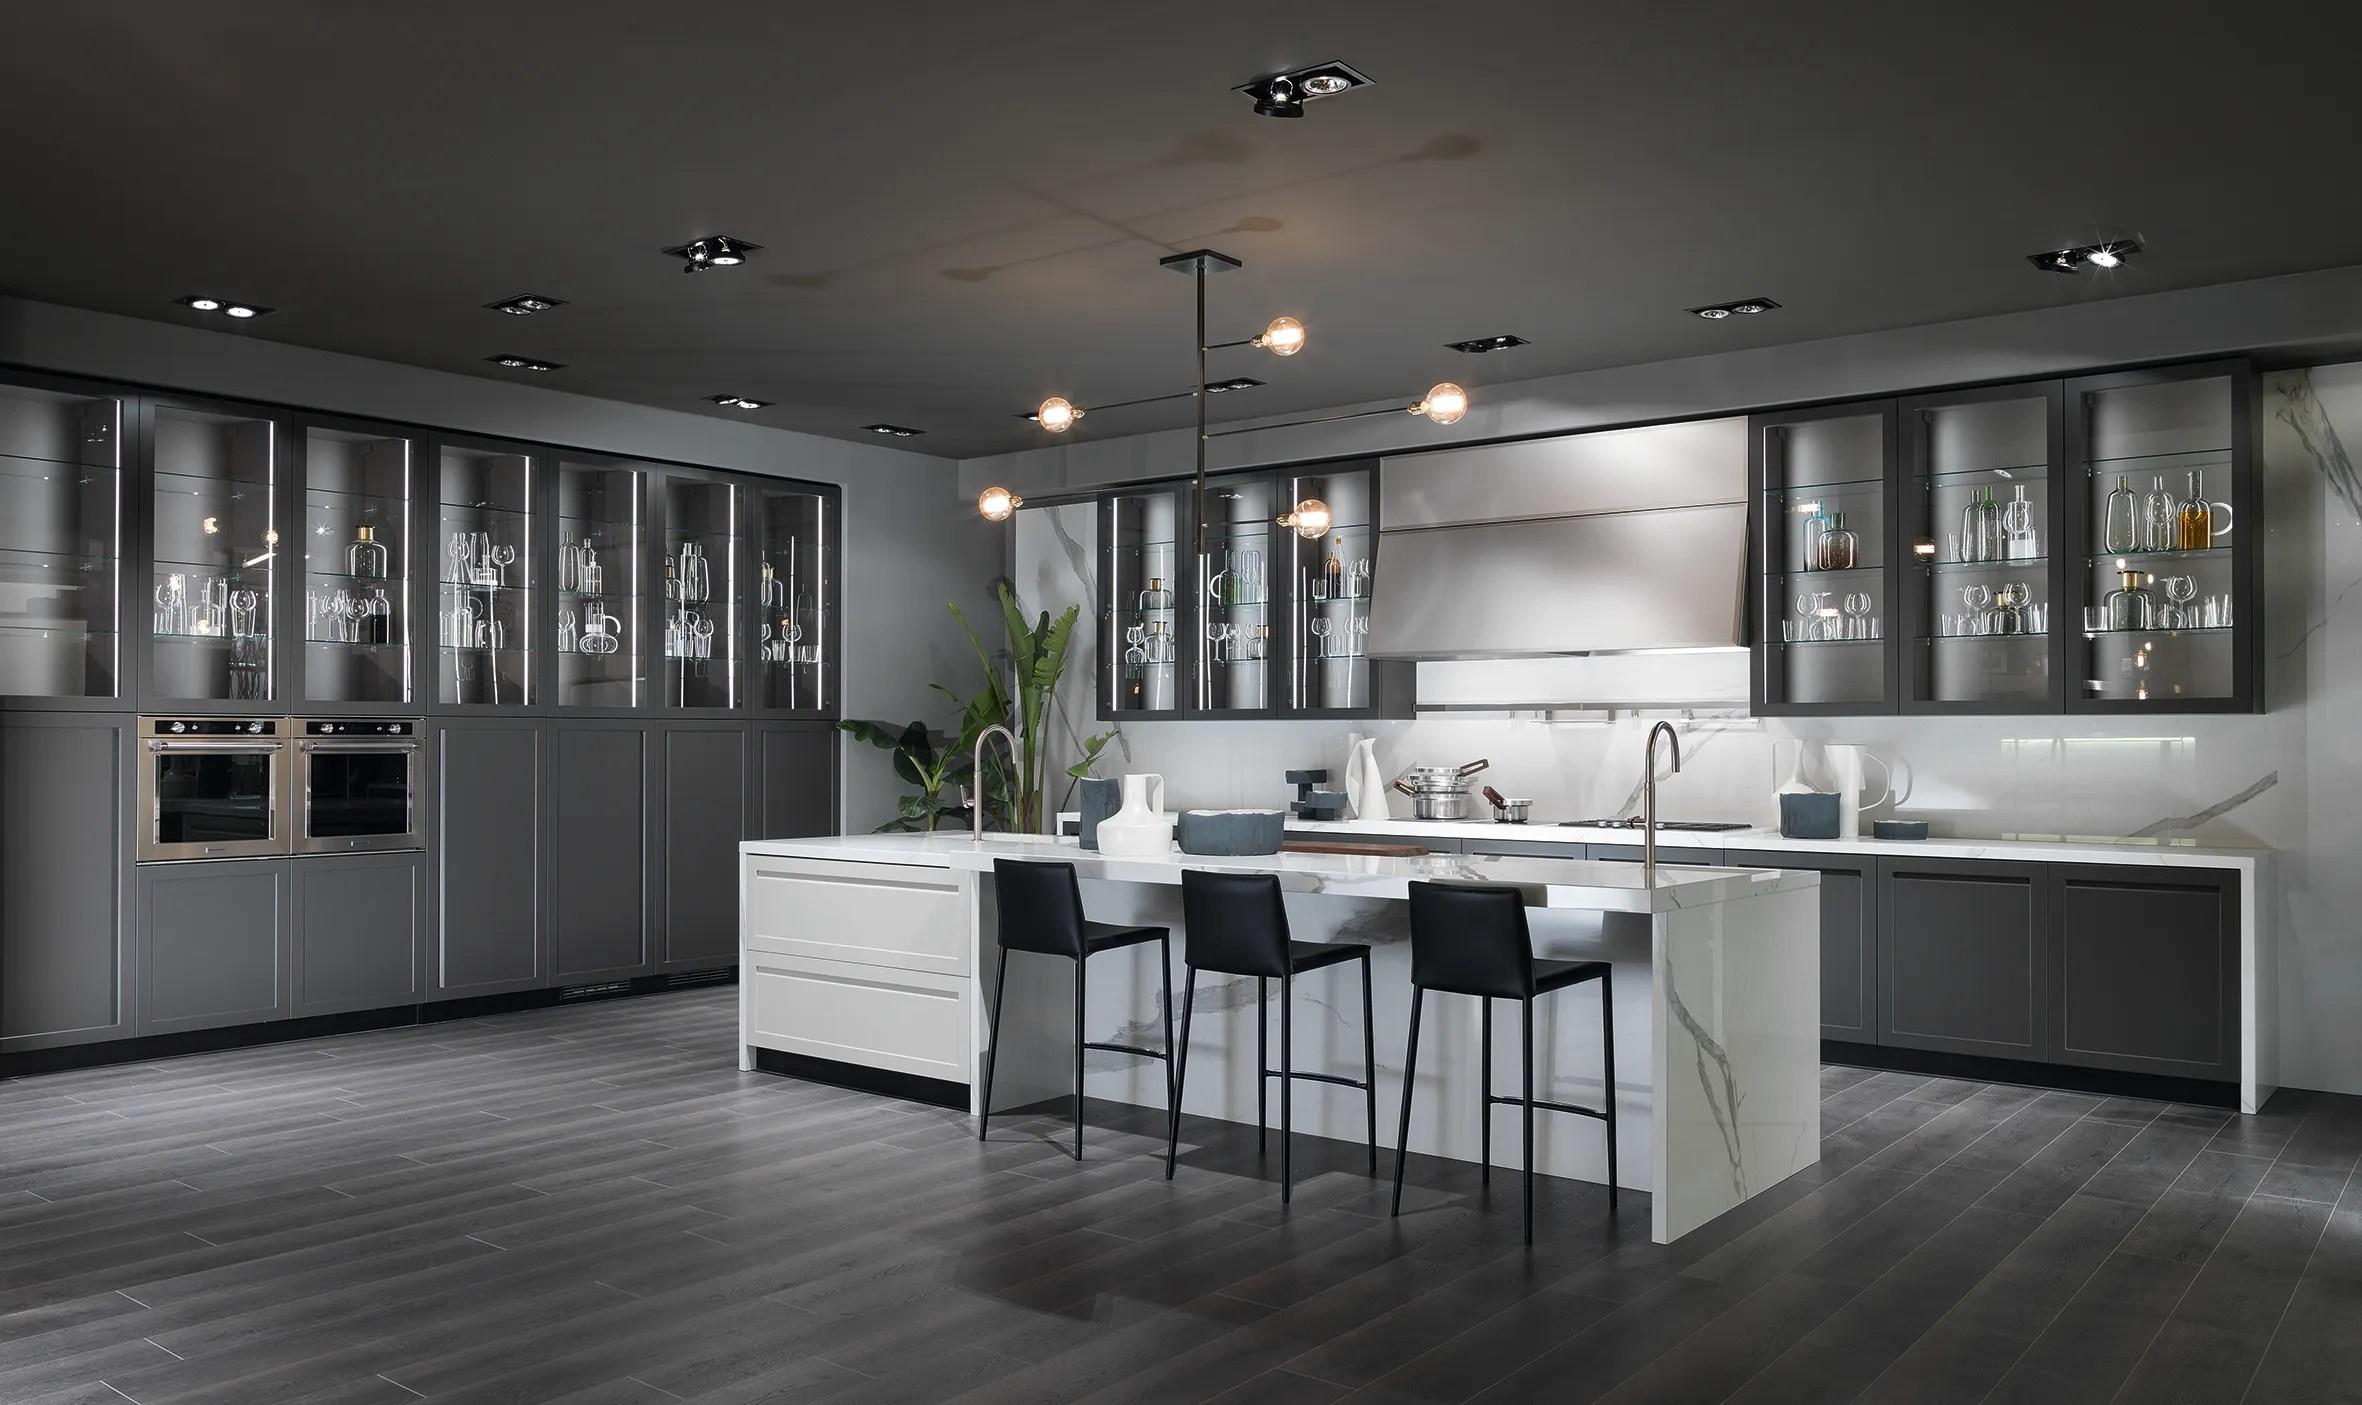 Impressive Kitchen Design Ideas From Salone Del Mobile 2016 Kitchen Renovation Guide Kitchen Design Ideas Architectural Digest Kitchens Ideas Photos Kitchen Ideas Photos 2018 kitchen Kitchens Ideas Photos